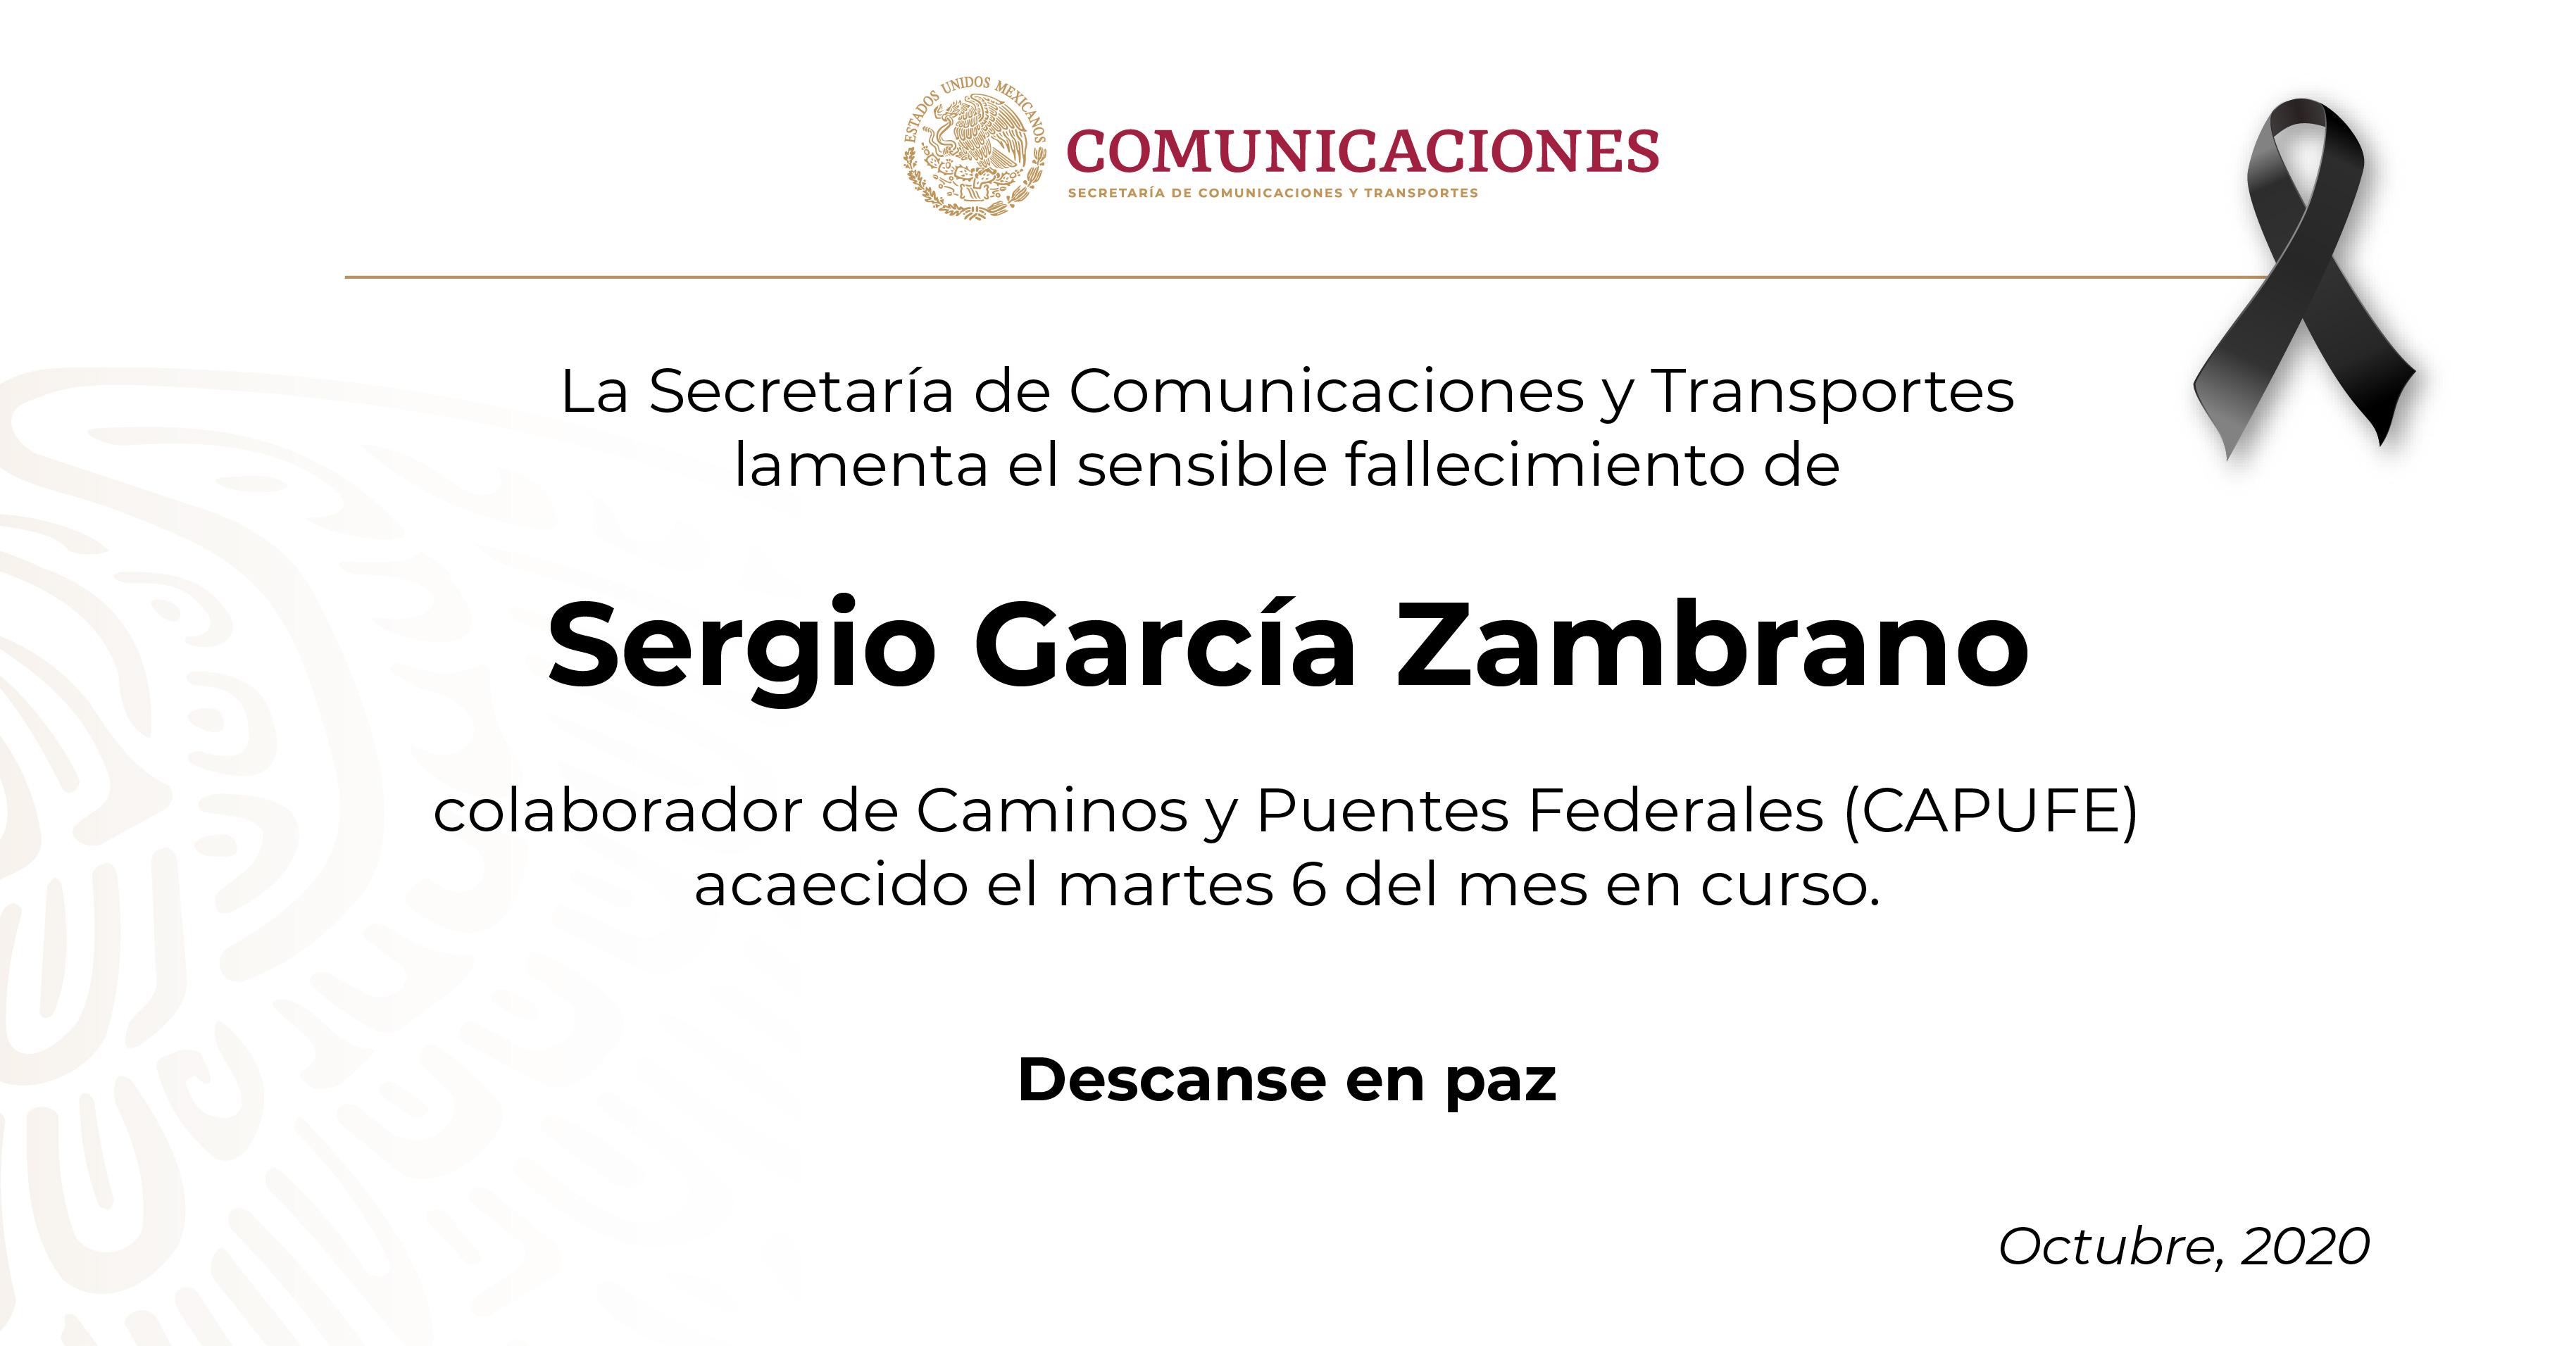 Sergio García Zambrano